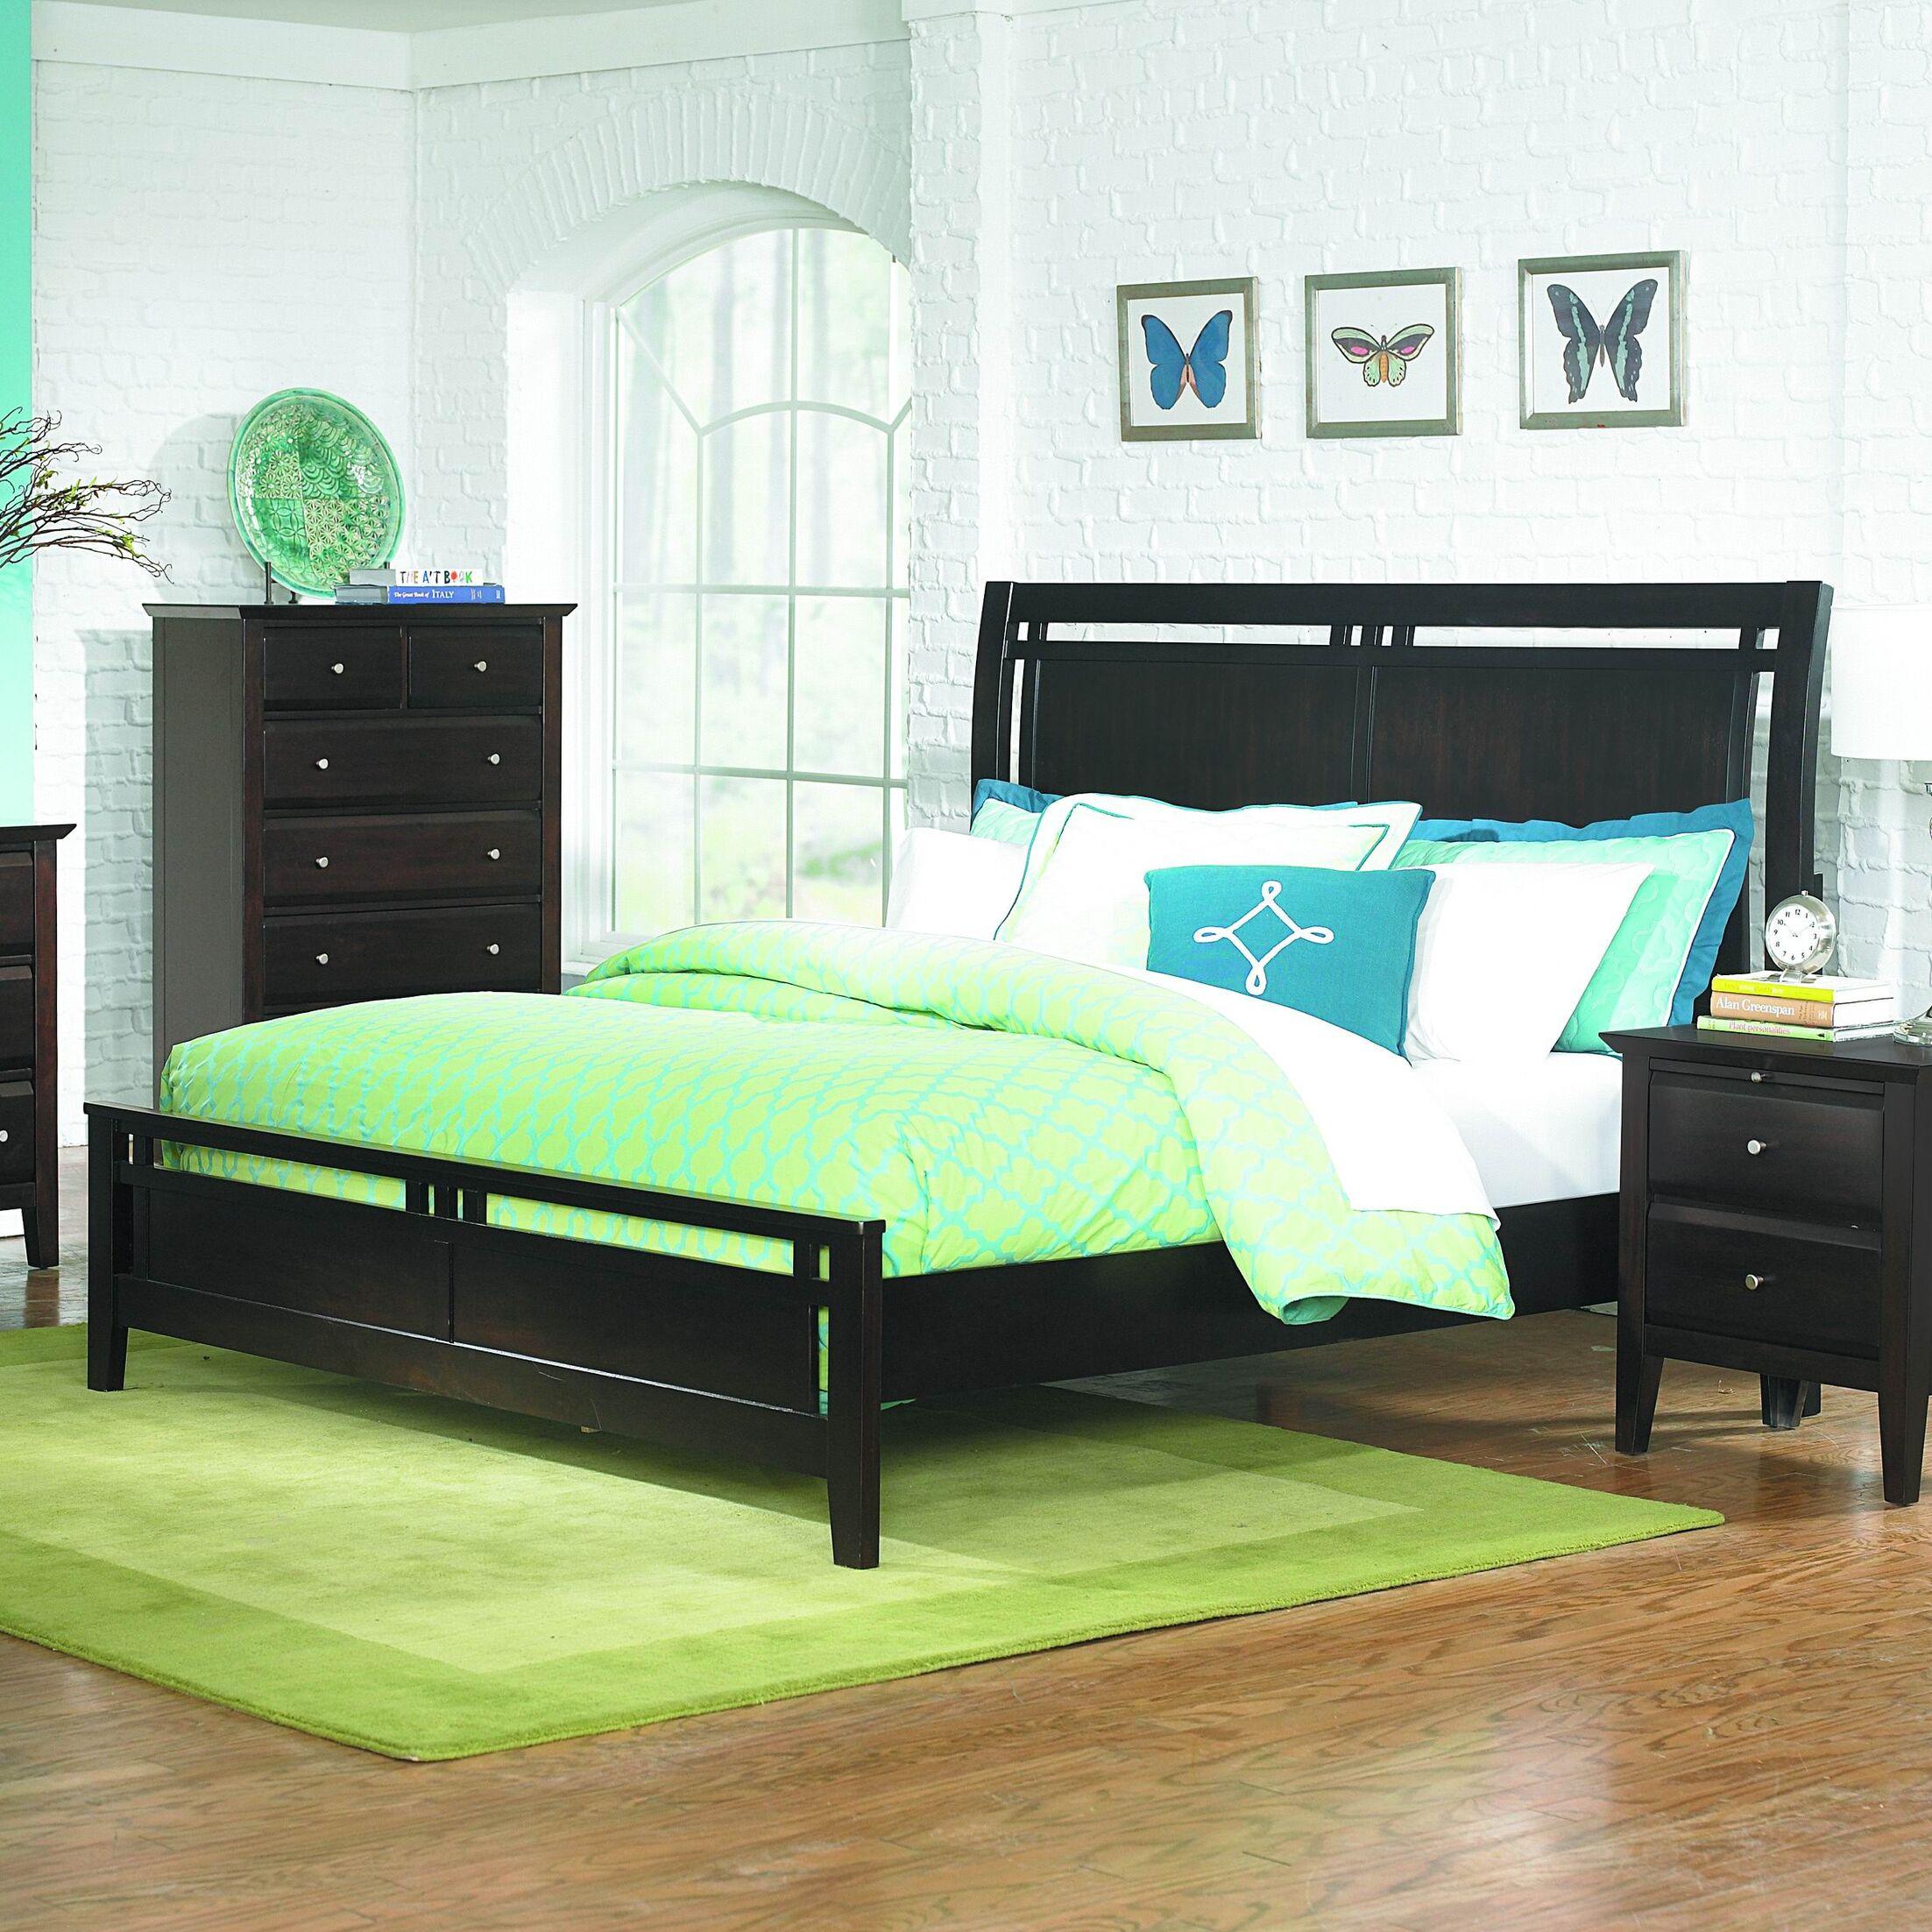 Gliese Platform Bed Size: Queen